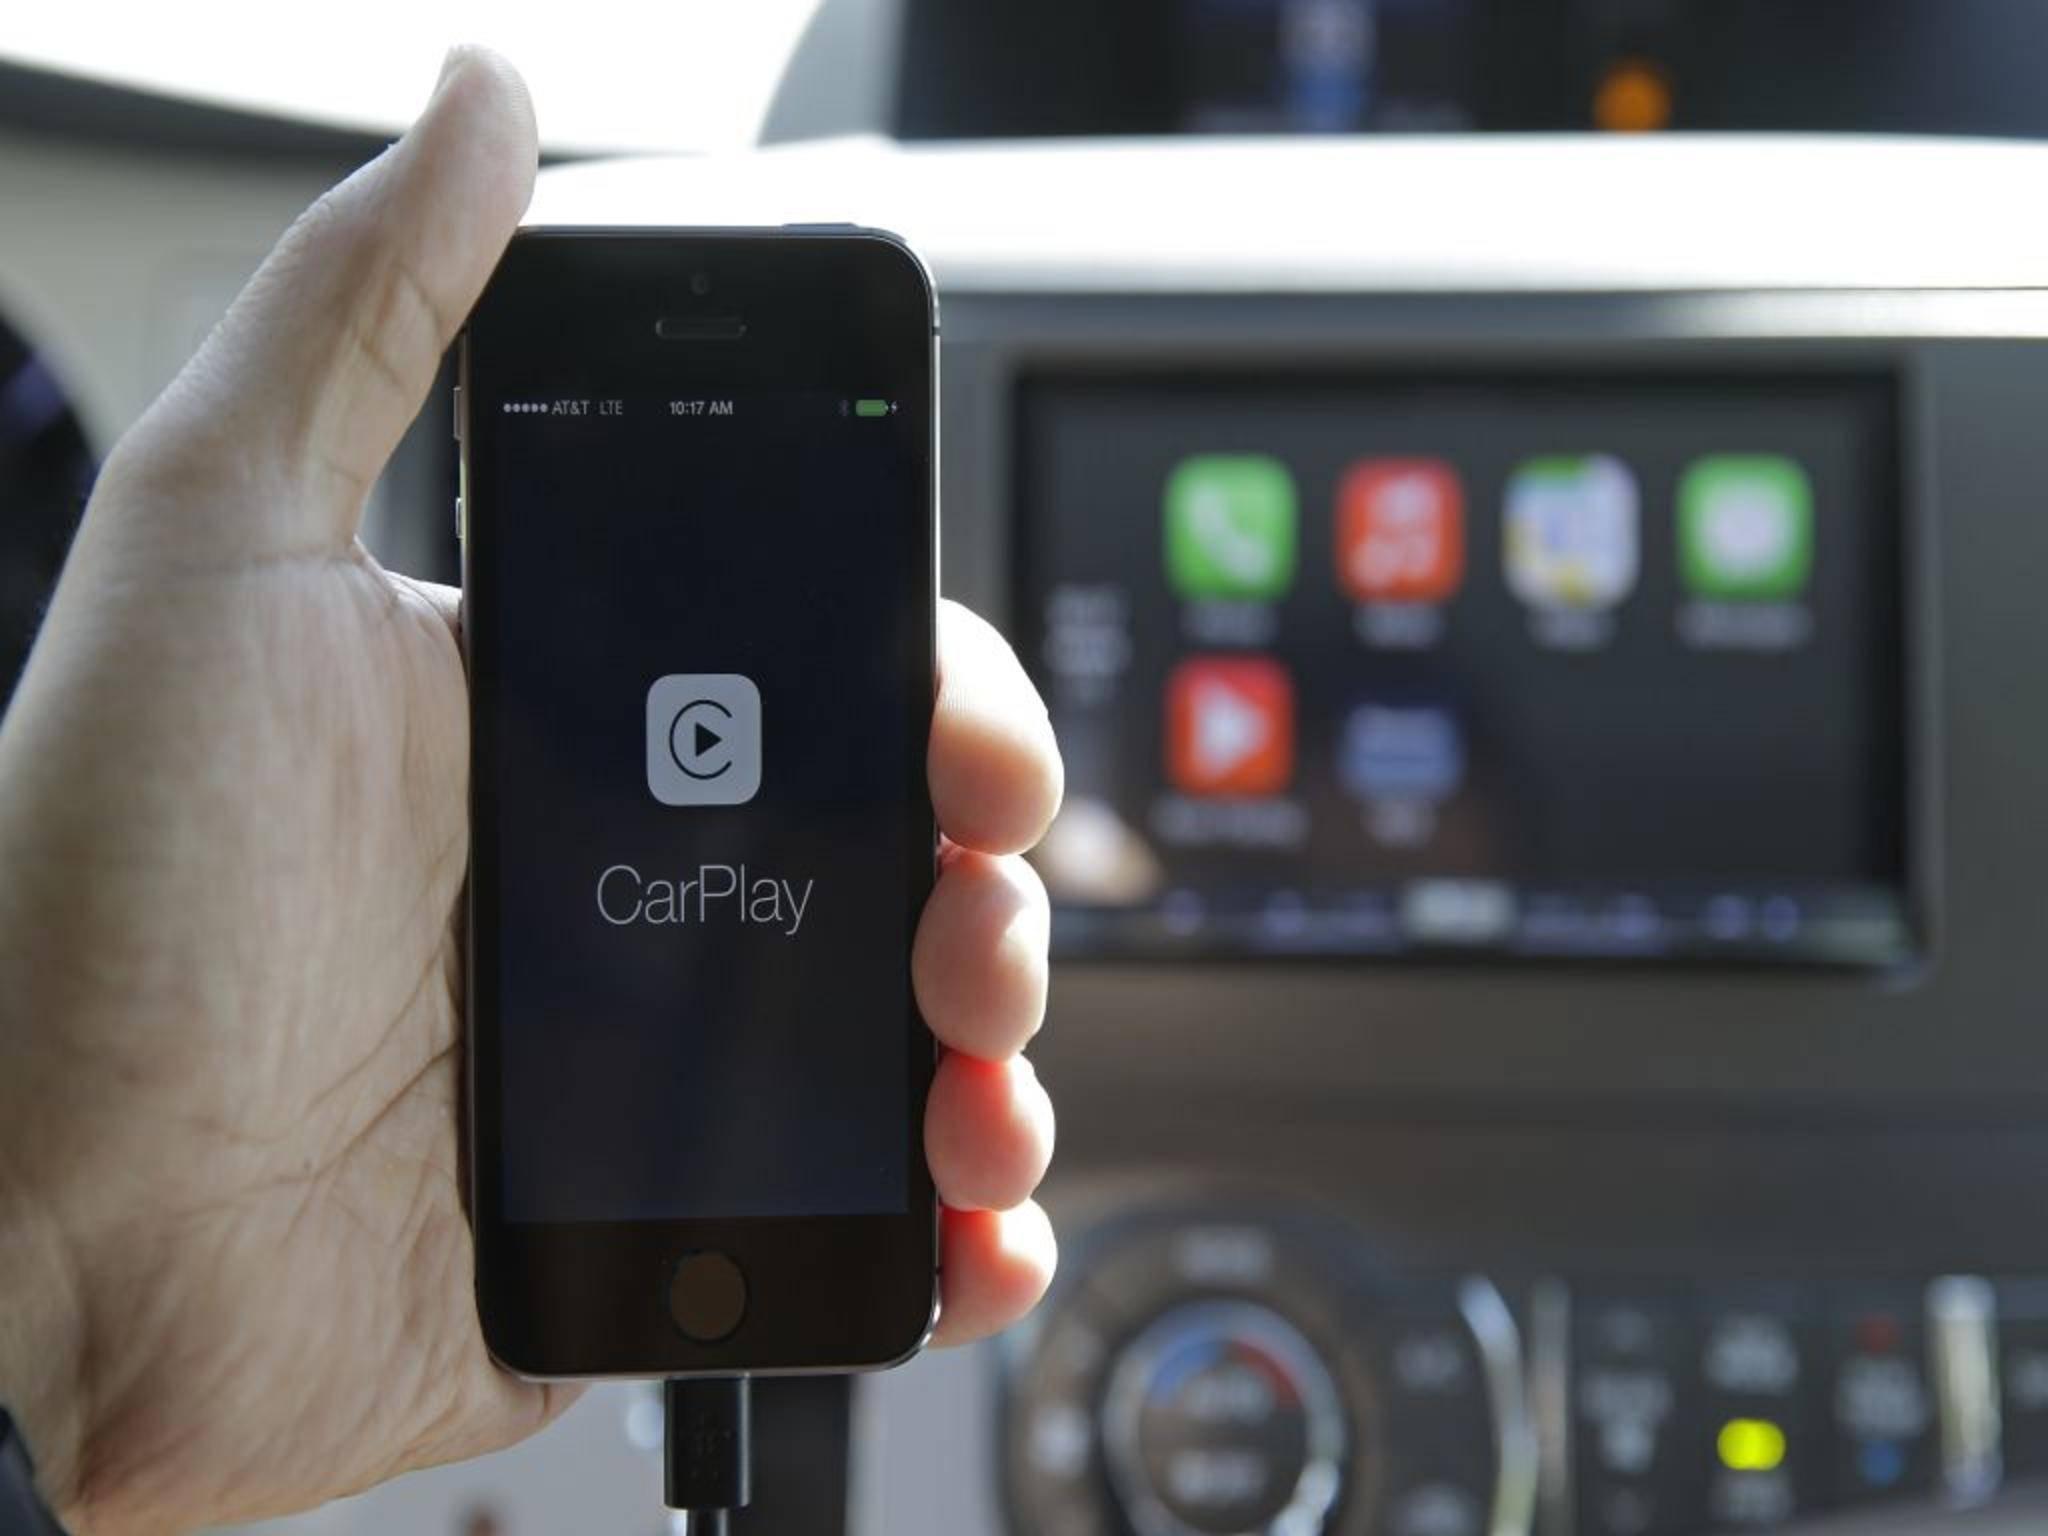 Das Auto per iPhone bedienen: Handelt es sich bei Apples Auto-Projekt um CarPlay?